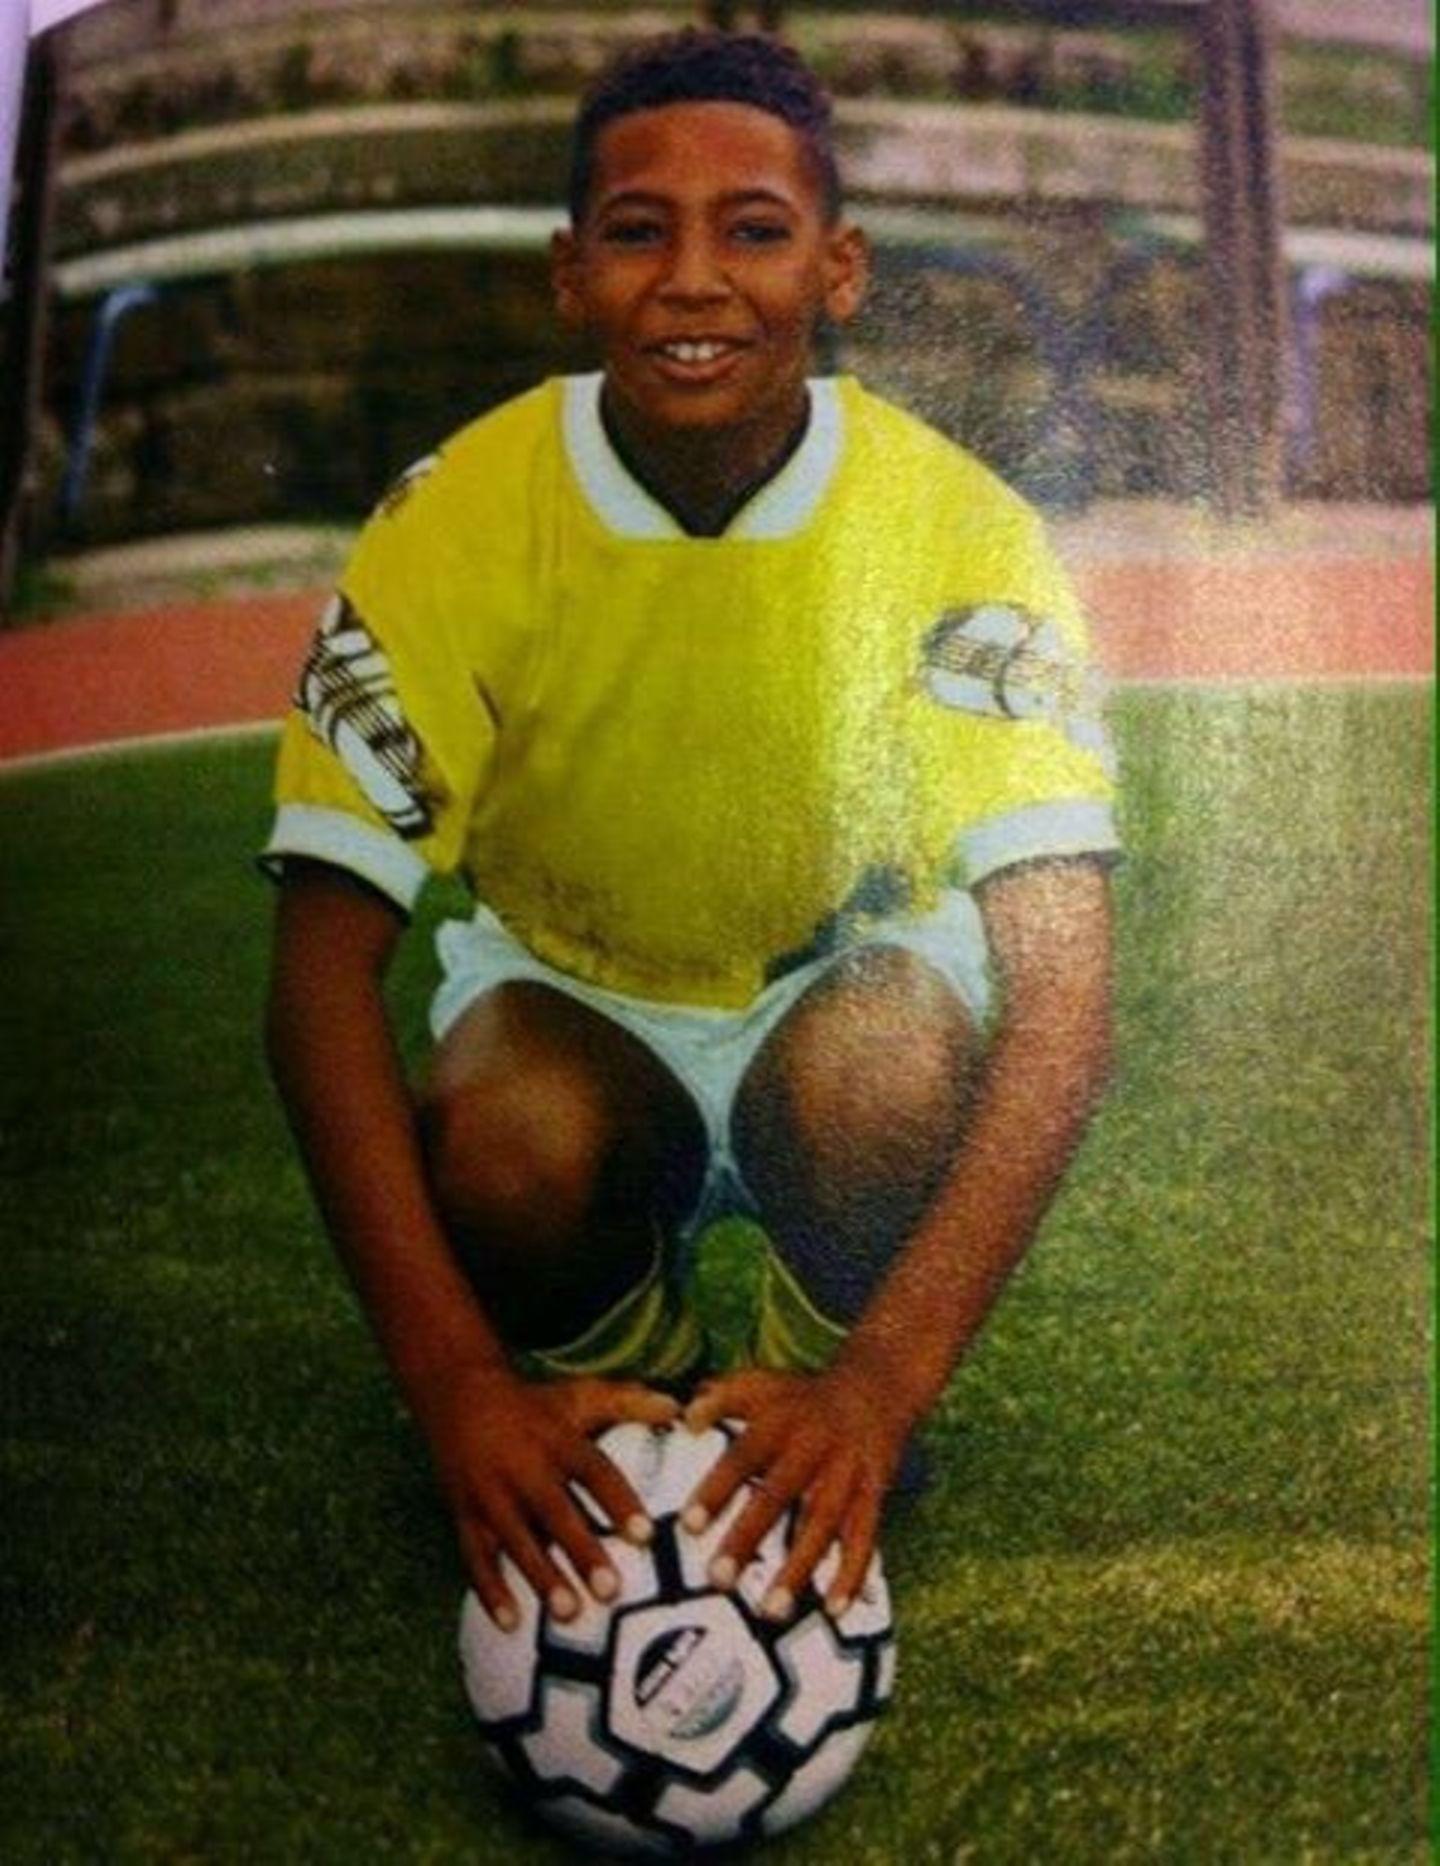 """""""So hat alles angefangen...! Der Traum vom WM-Finale"""", kommentiert Boateng sein Foto aus Kindheitstagen."""